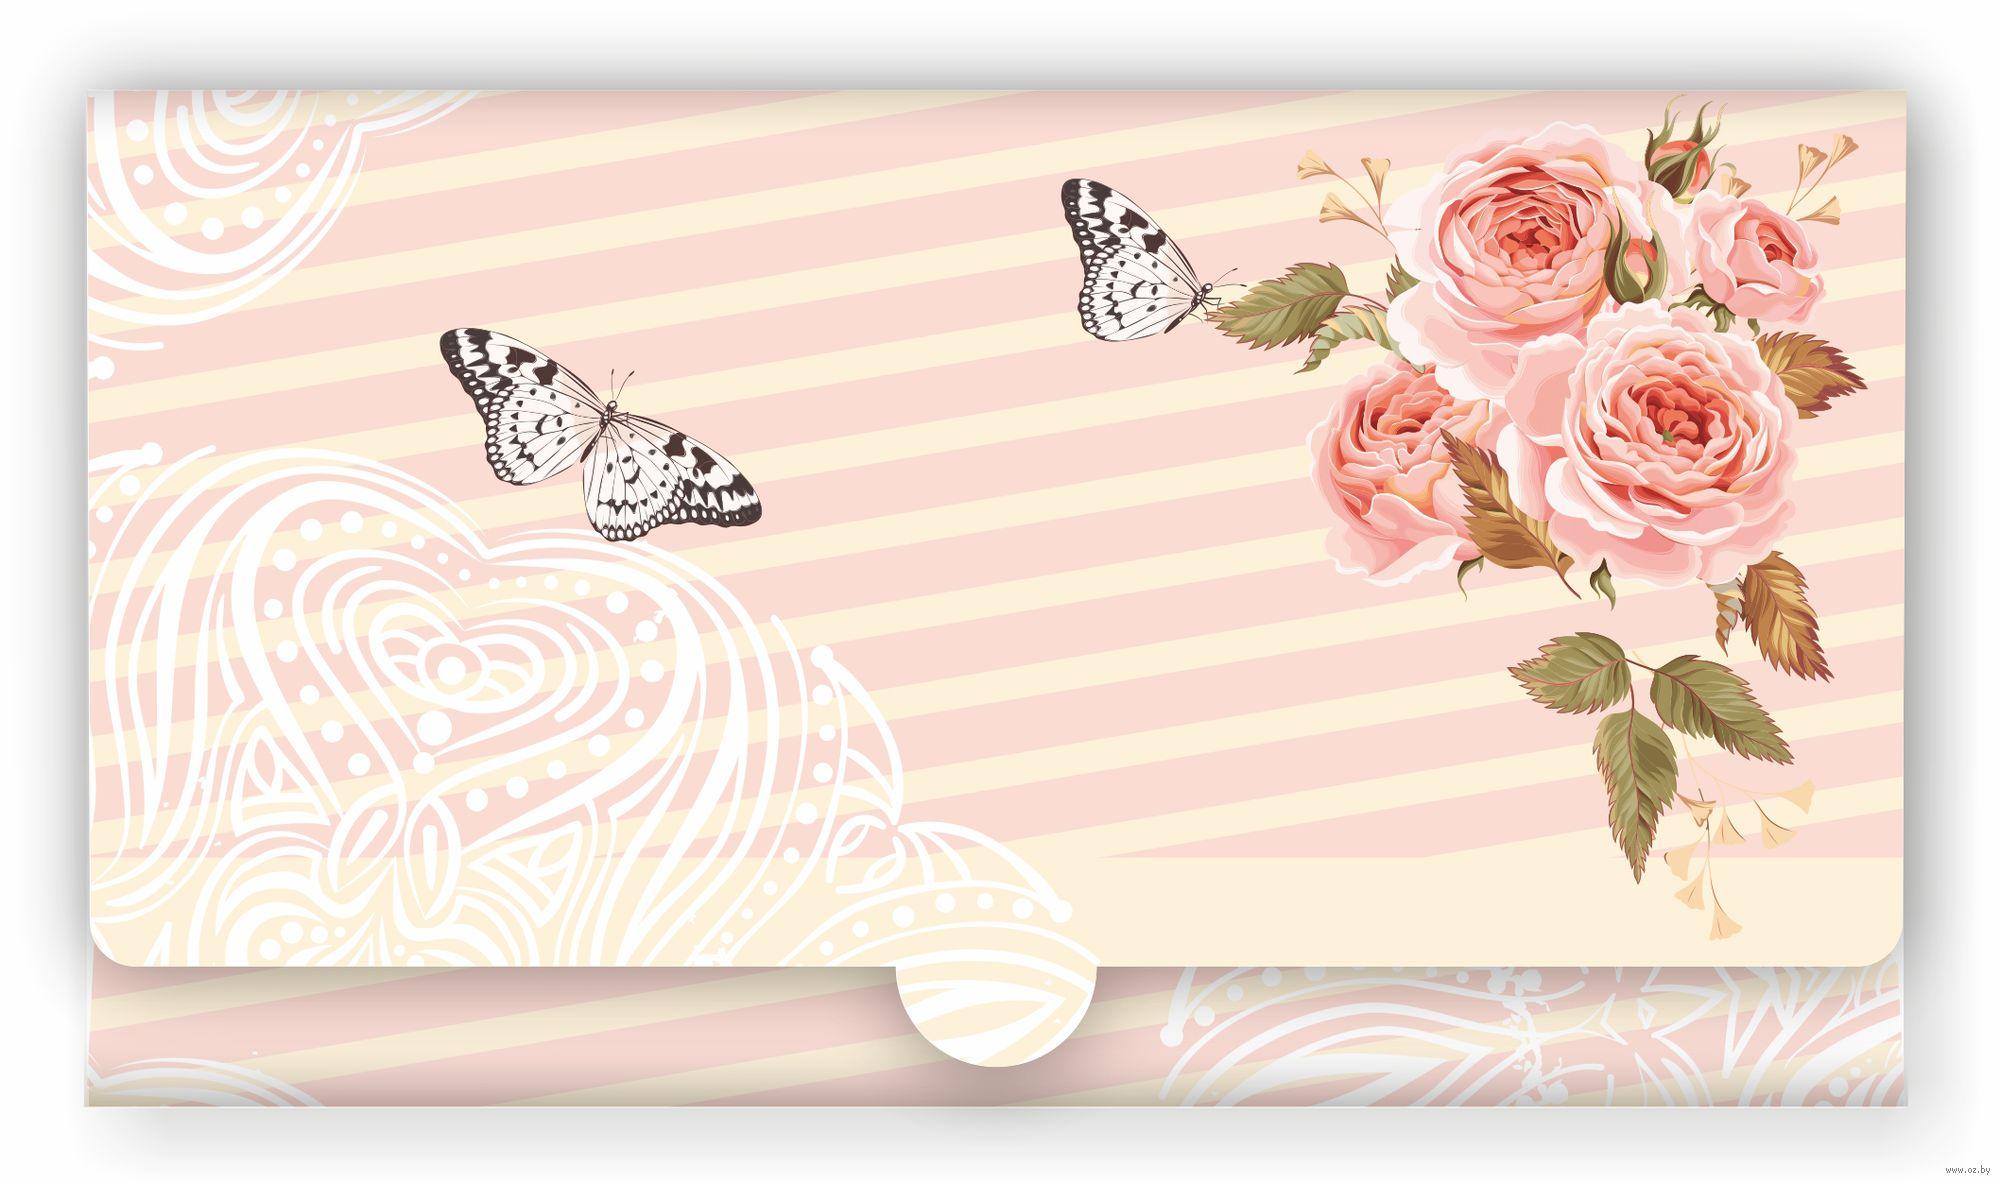 песочной фон для конверта на свадьбу госдуму внесен законопроект